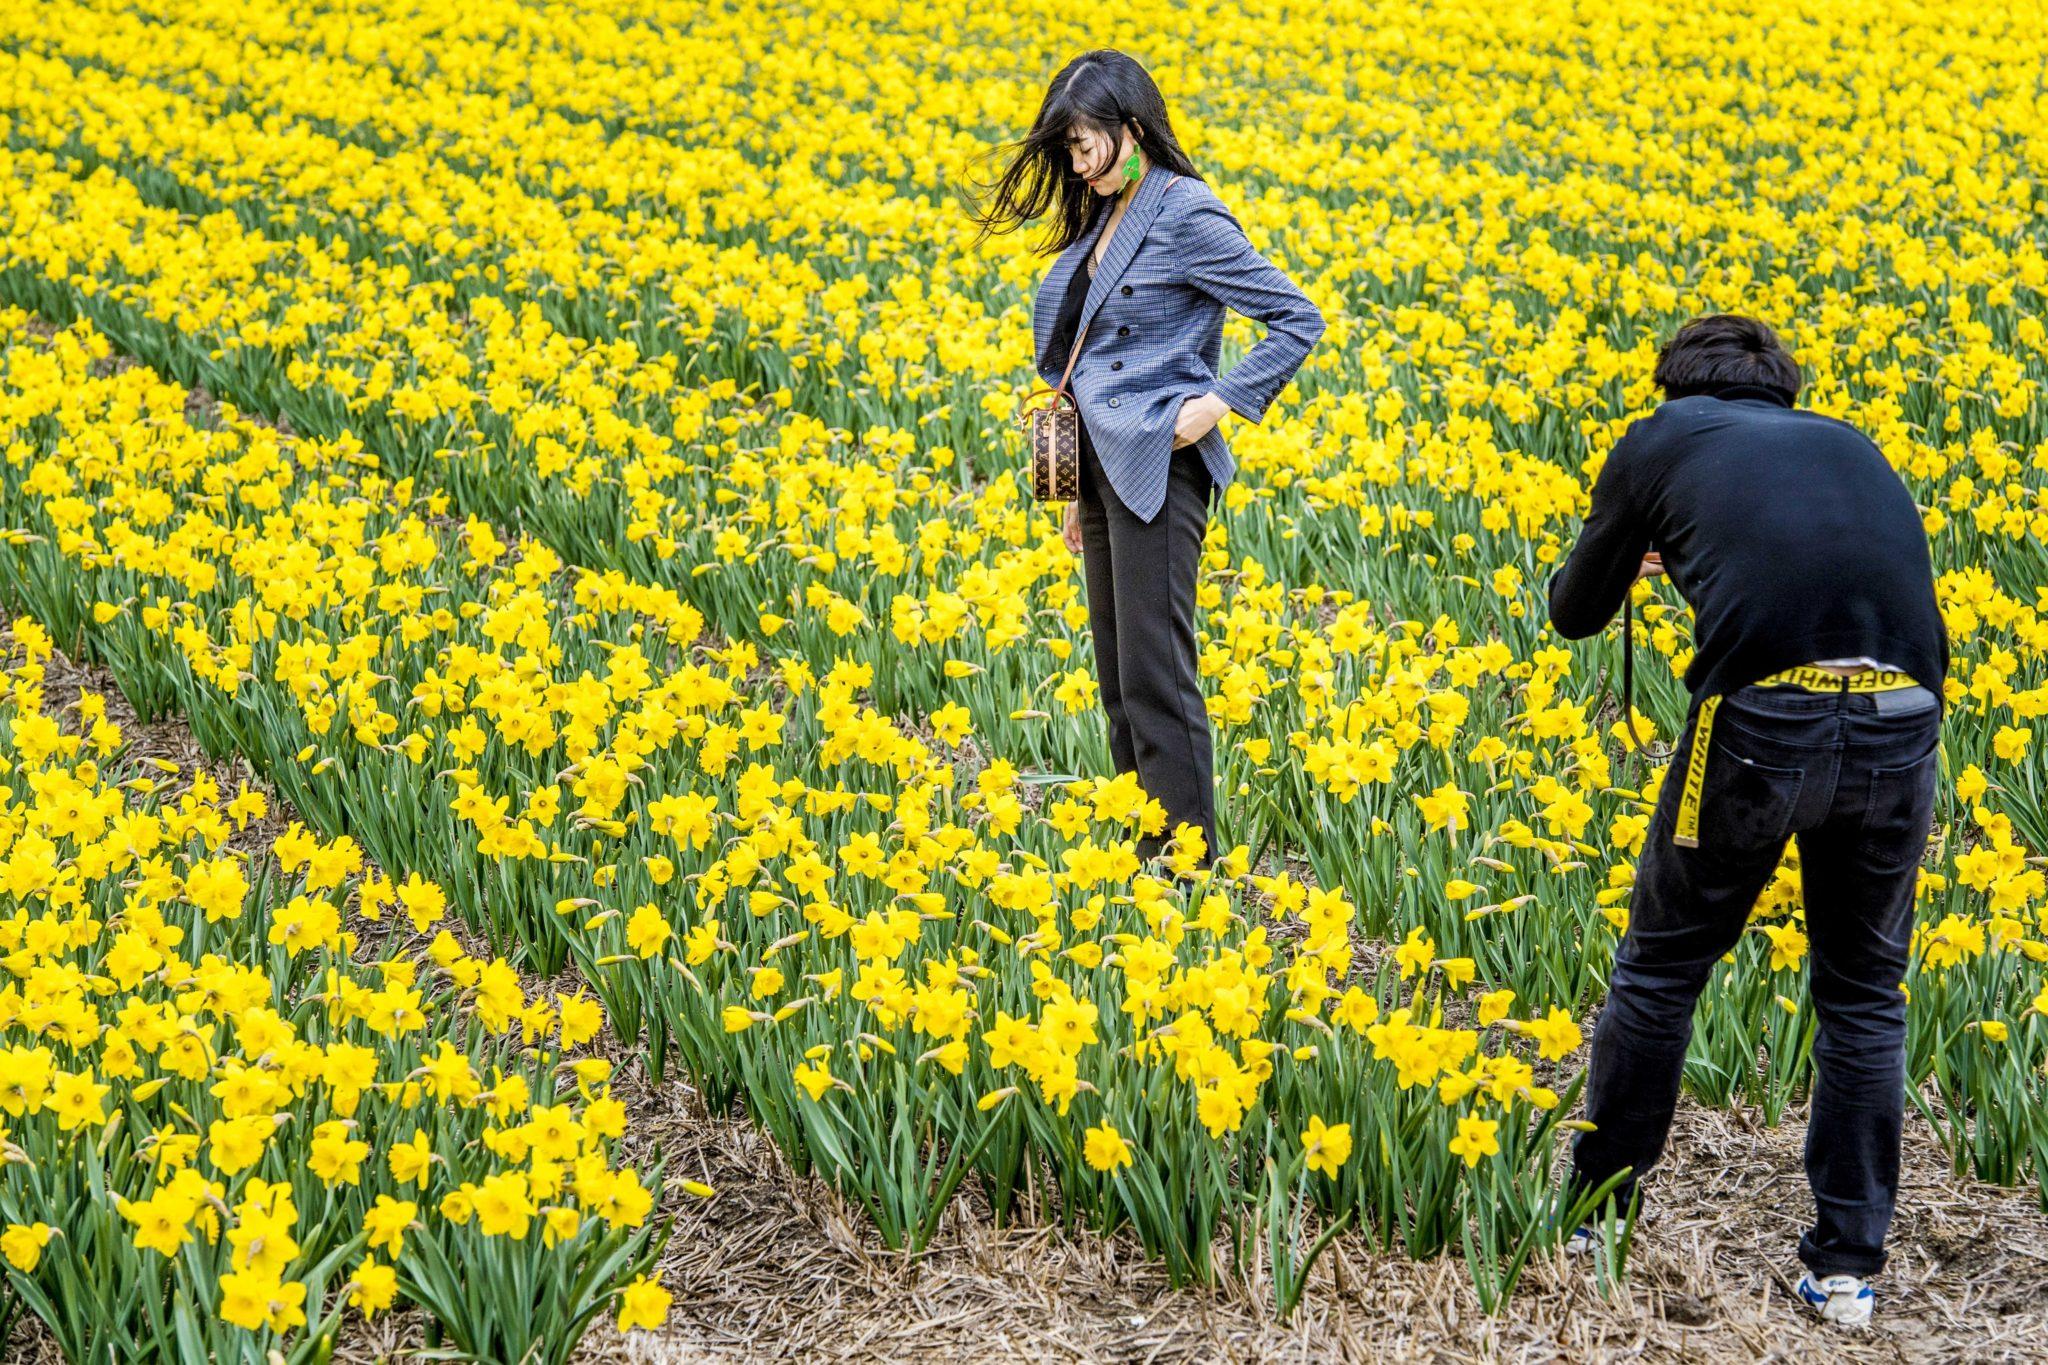 Holandia: Pole żonkili i turyści robiący zdjęcia, fot: Robin Utrecht, PAP/EPA